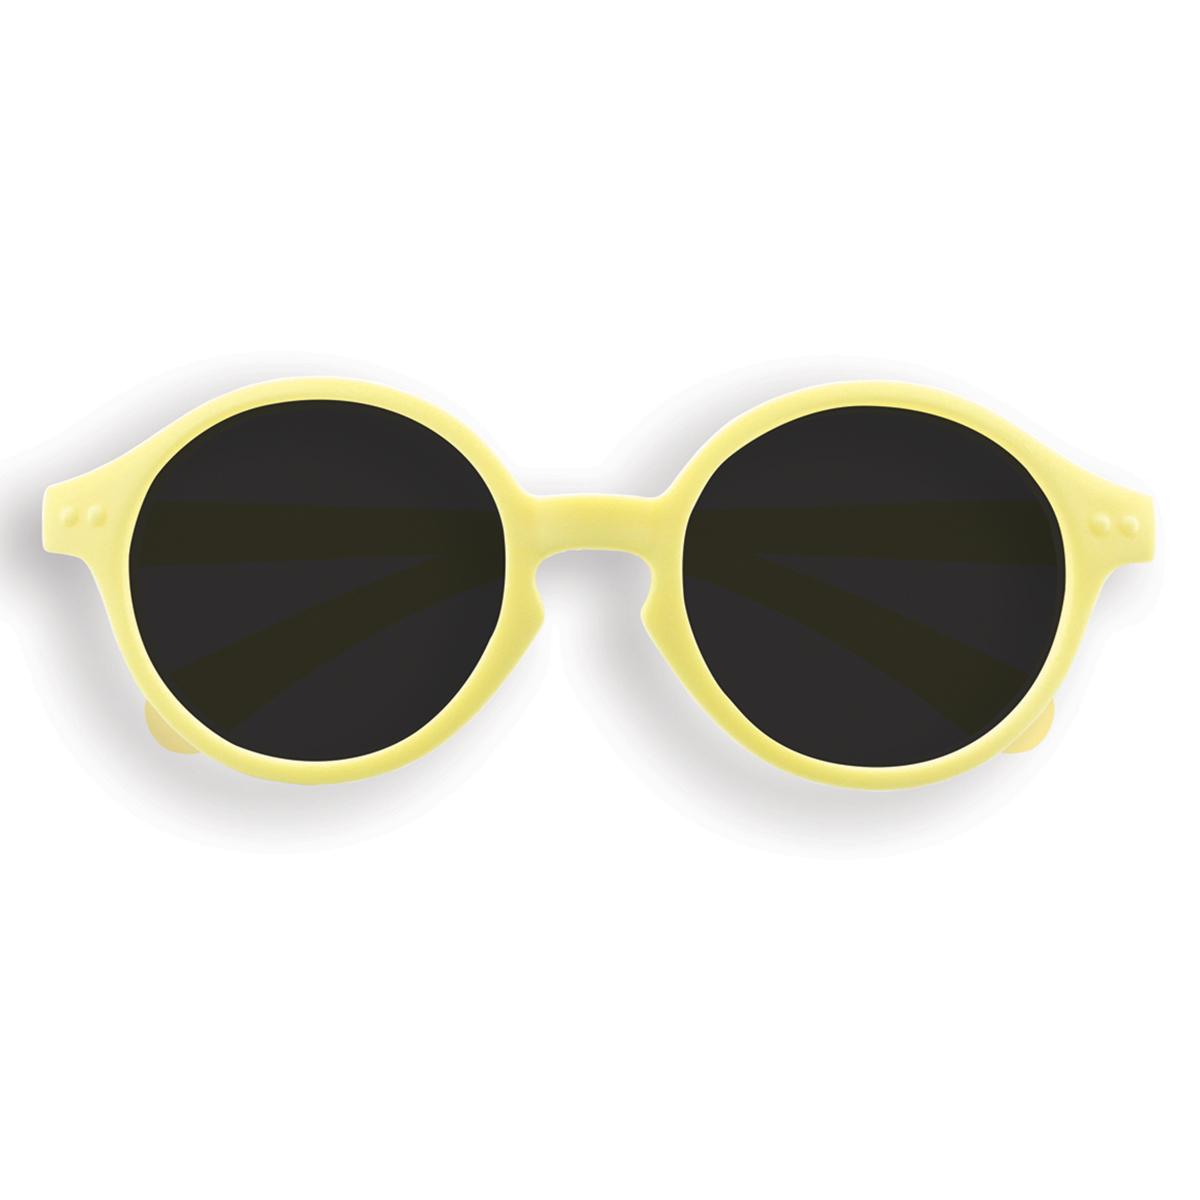 Accessoires bébé Lunettes de Soleil Sun Baby 0/12 Mois - Lemonade Lunettes de Soleil Sun Baby 0/12 Mois - Lemonade